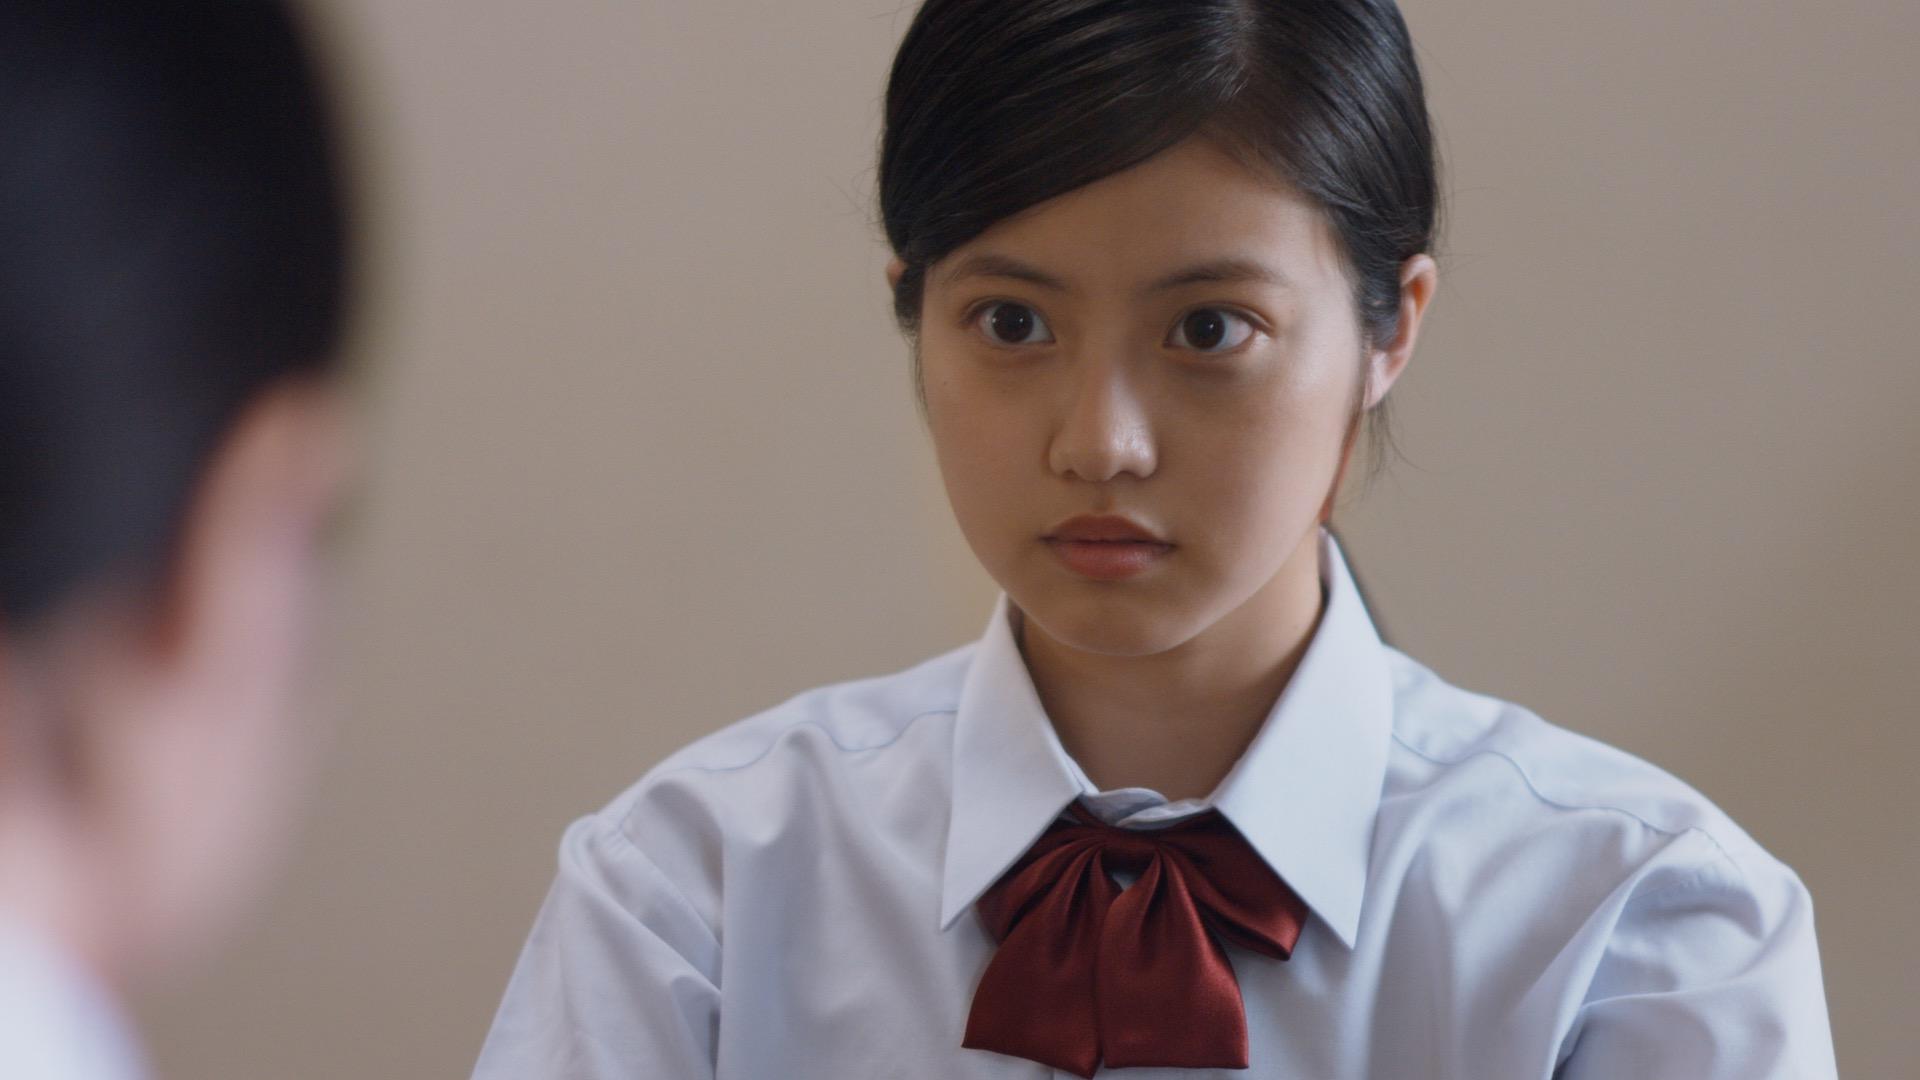 今田美桜 SUITS 役名 役柄 演技力 評判 まとめ